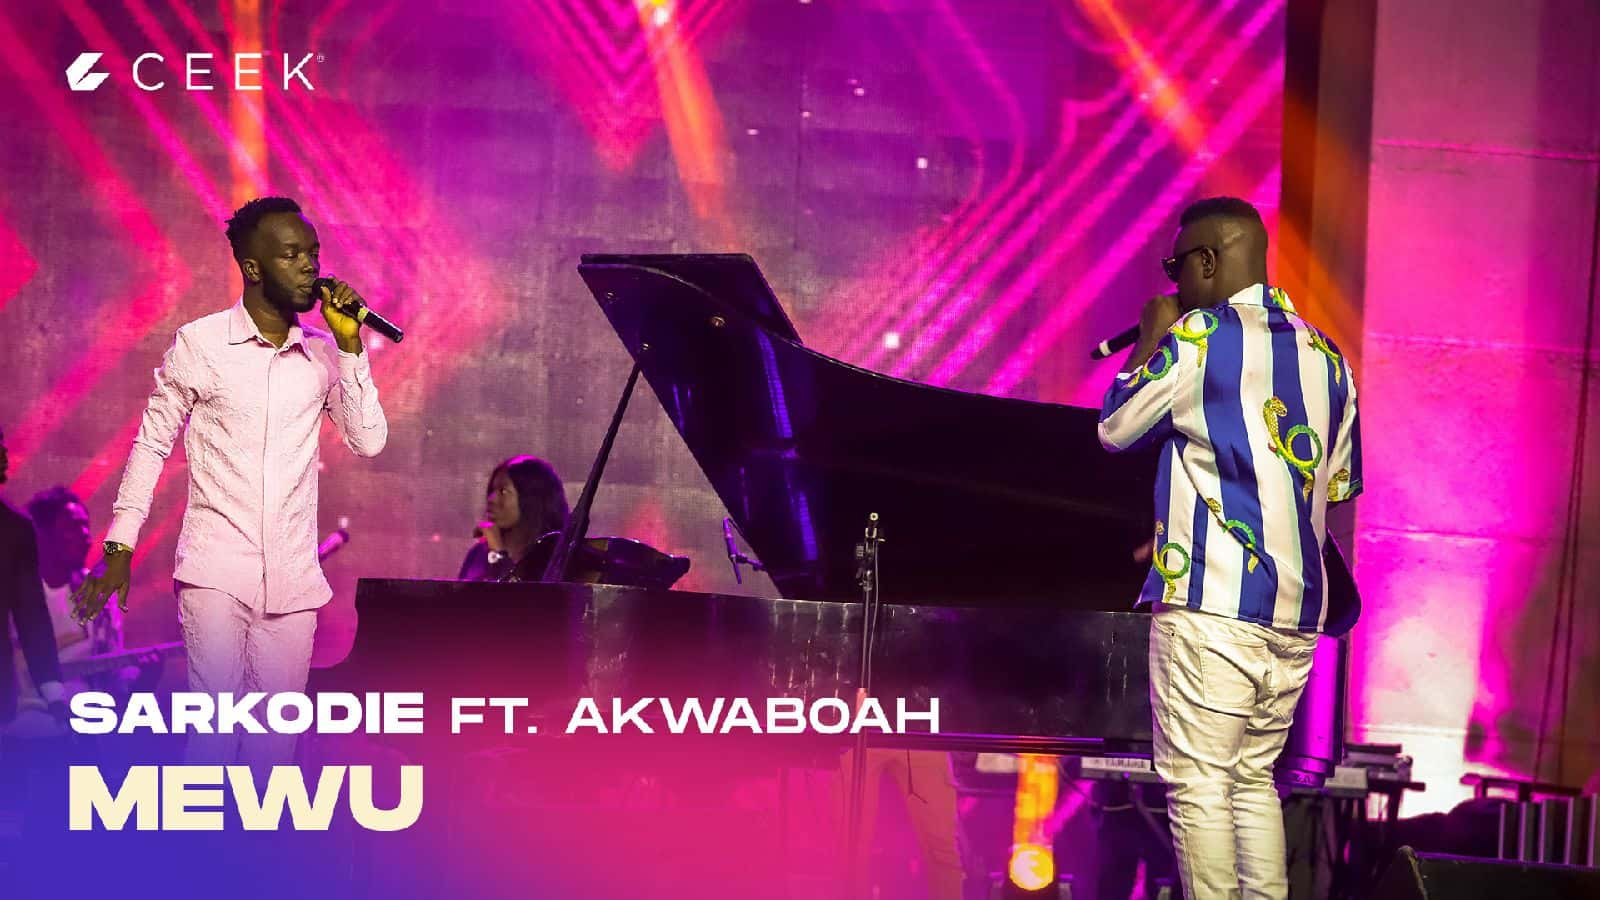 Mewu ft. Akwaboah ceek.com